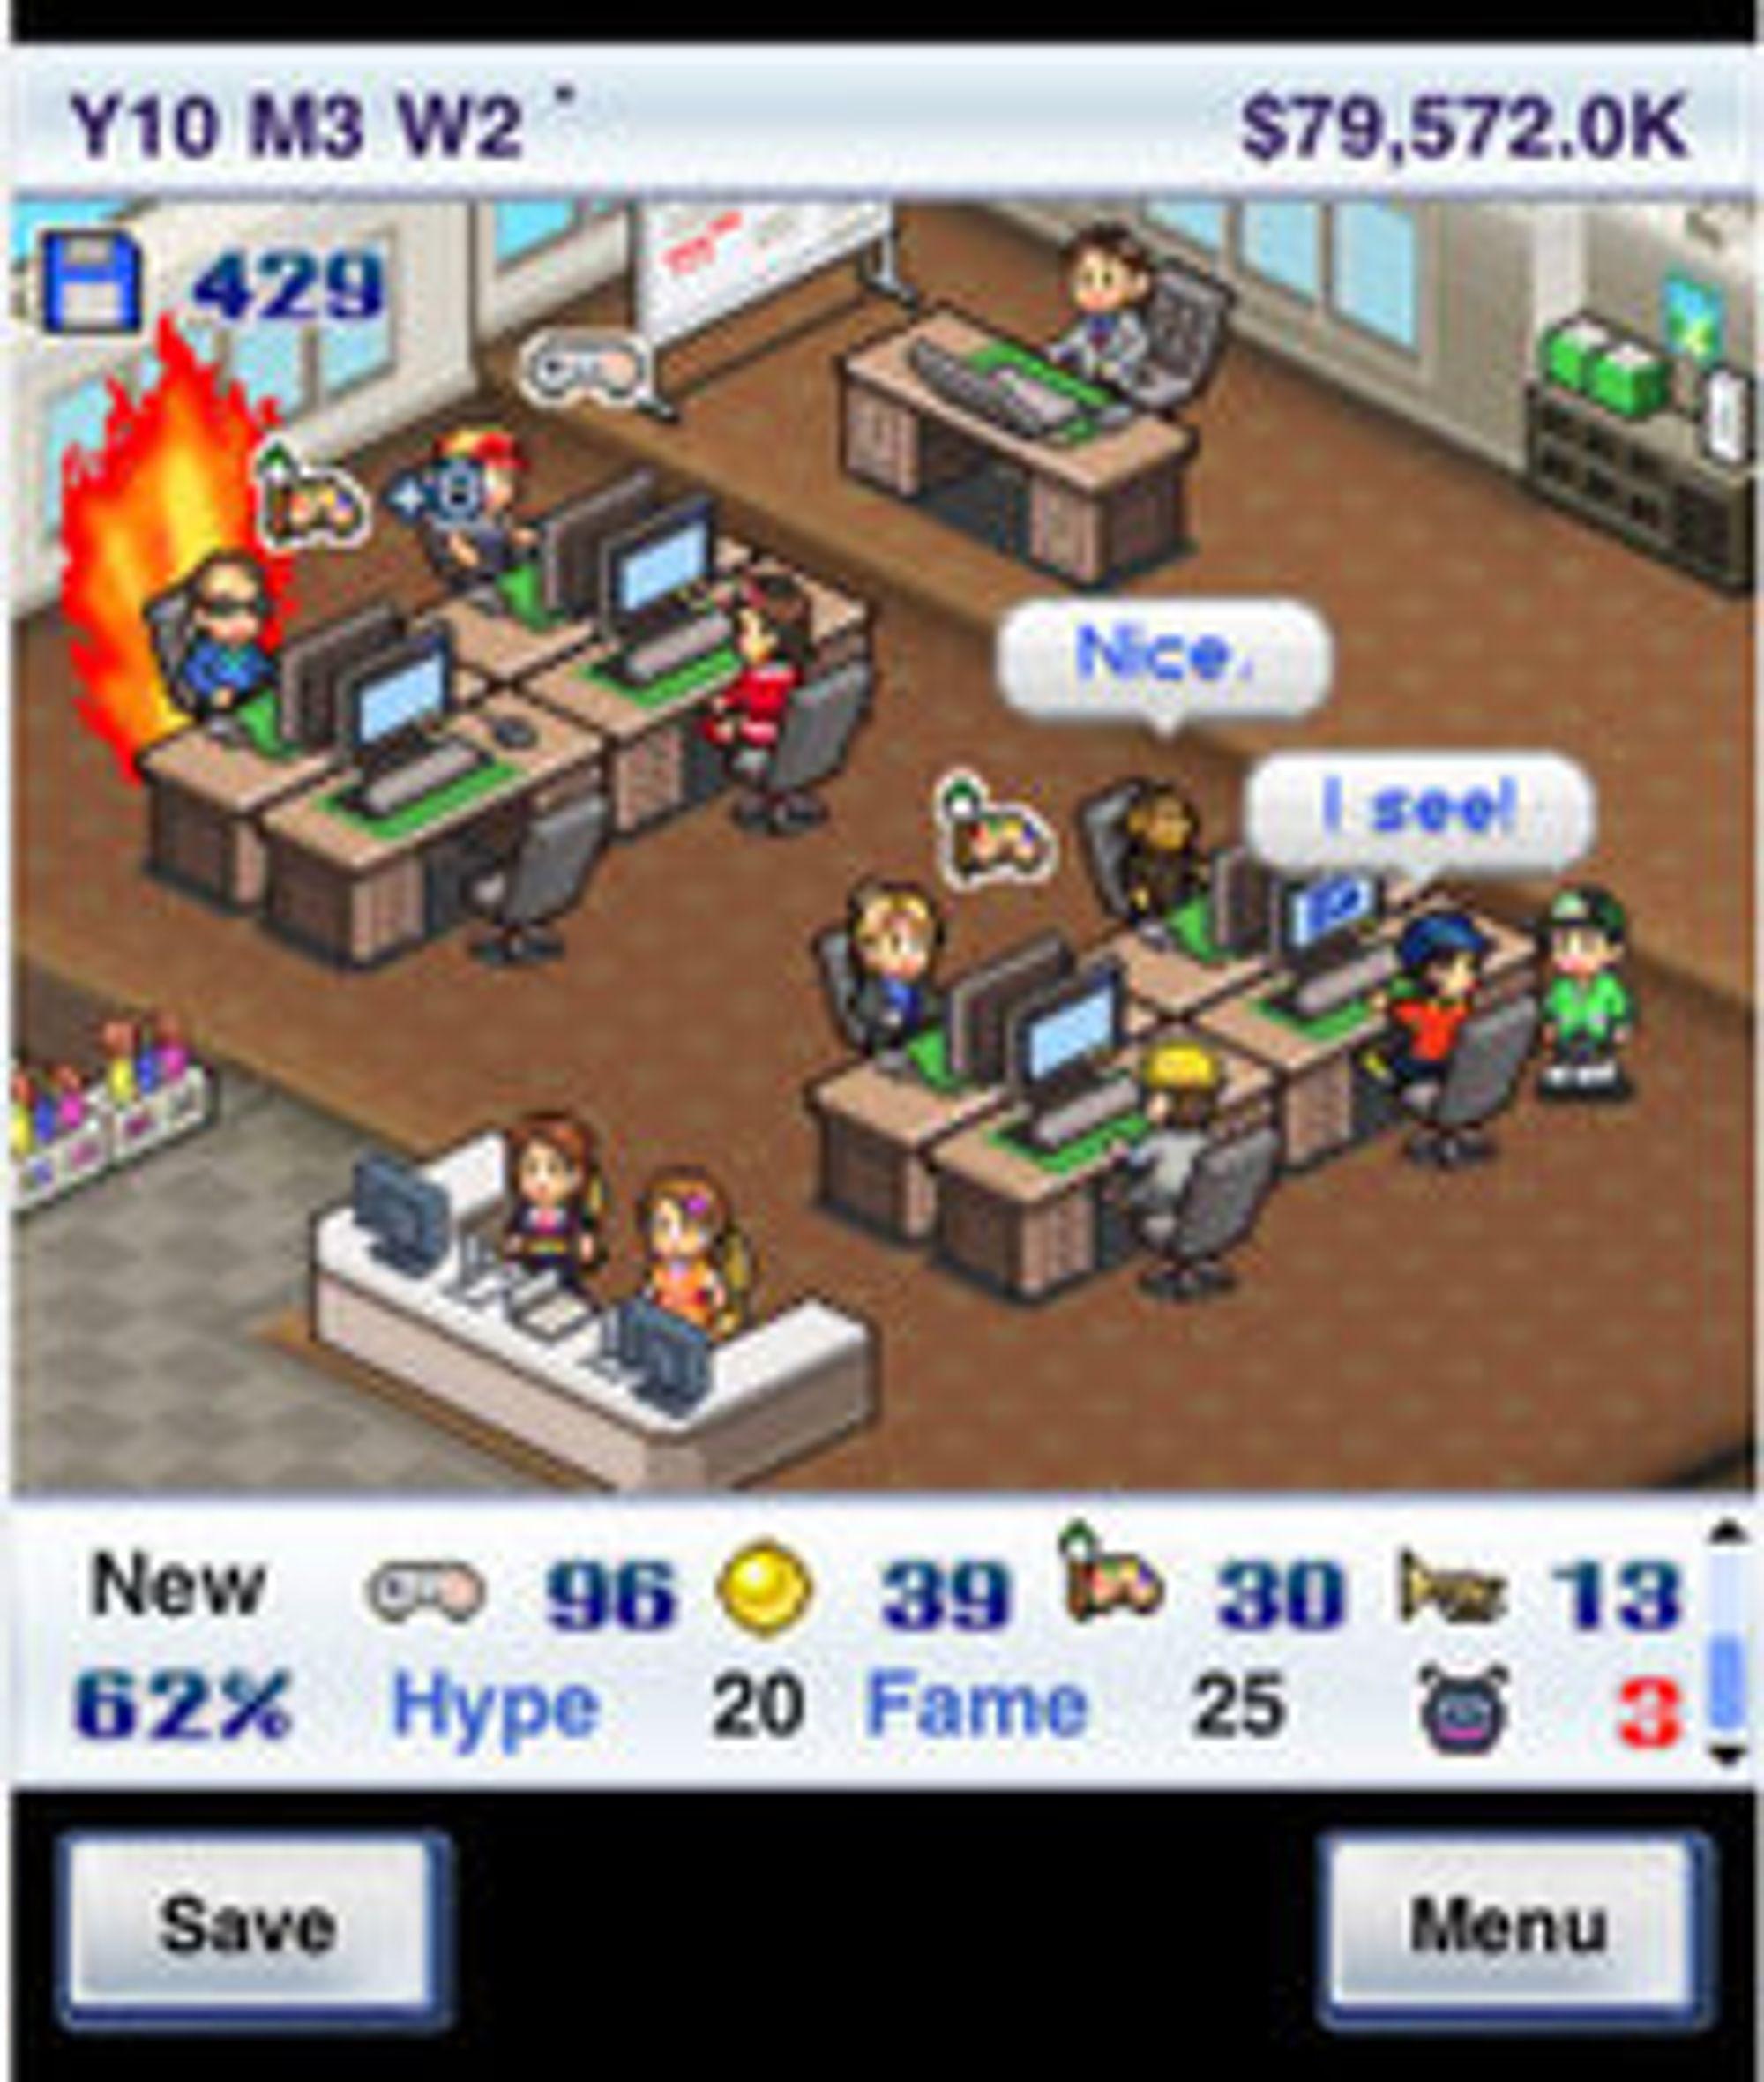 Det er ikke lett å drive spillselskap (bilde: Game Dev Story på iPhone).